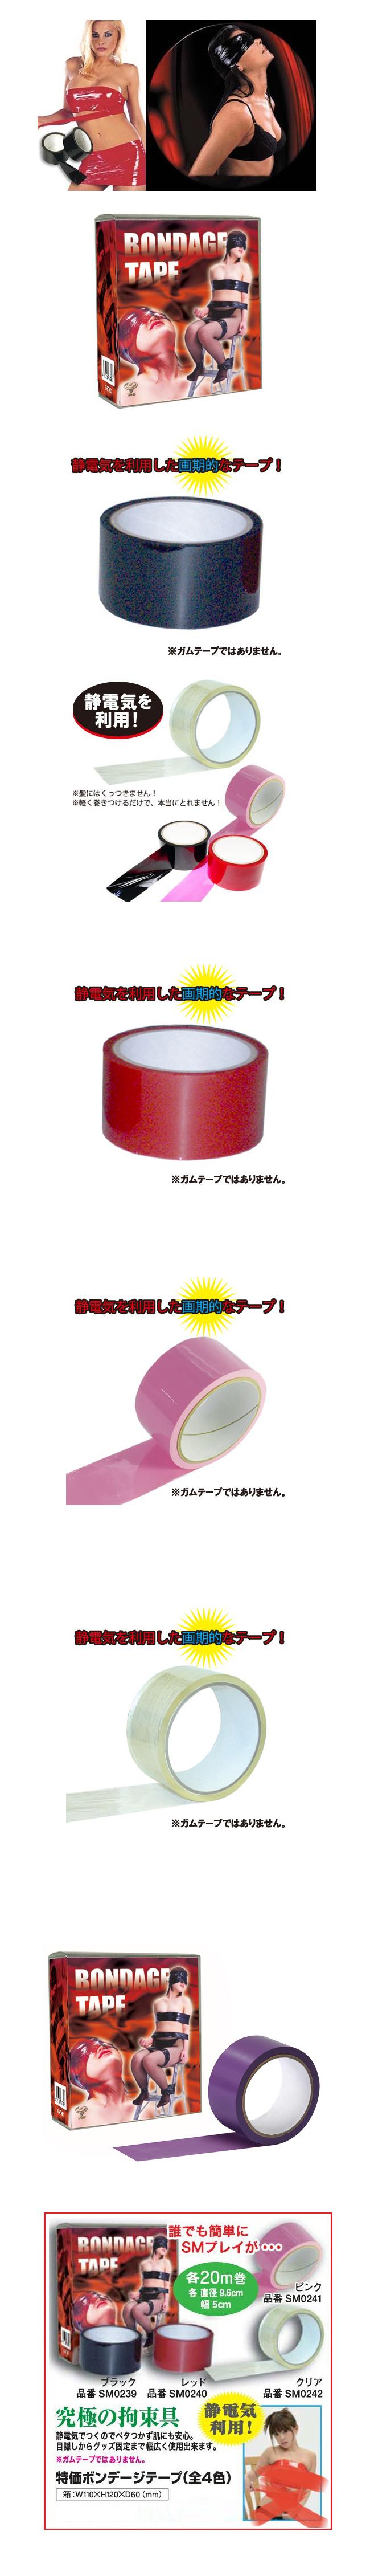 [일본 직수입] 스팅 베드 플러그 (スラスティングバッドプラグ)